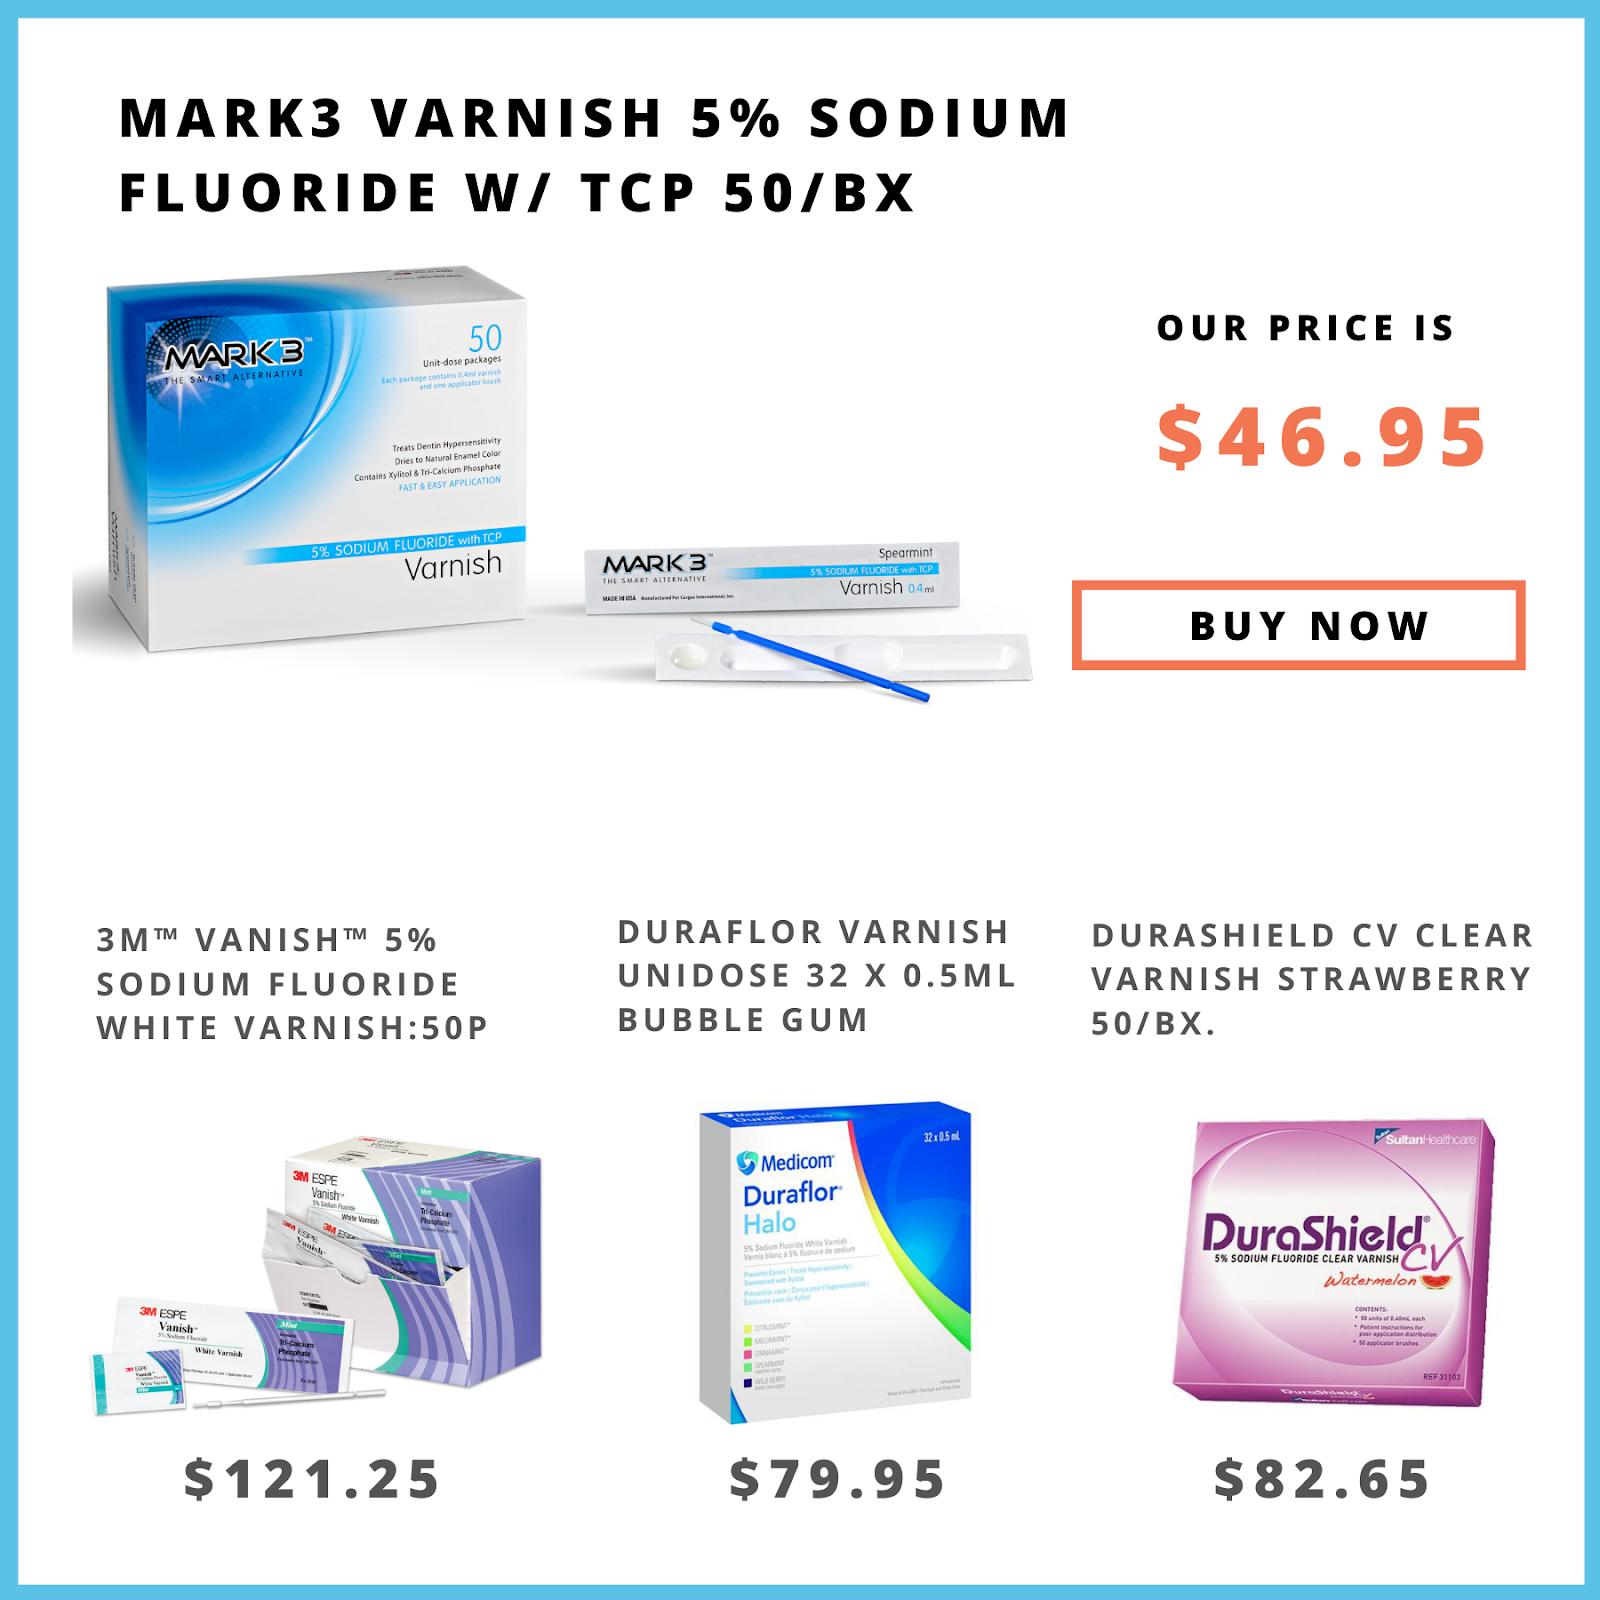 MARK3 VARNISH 5%sodium fluoride